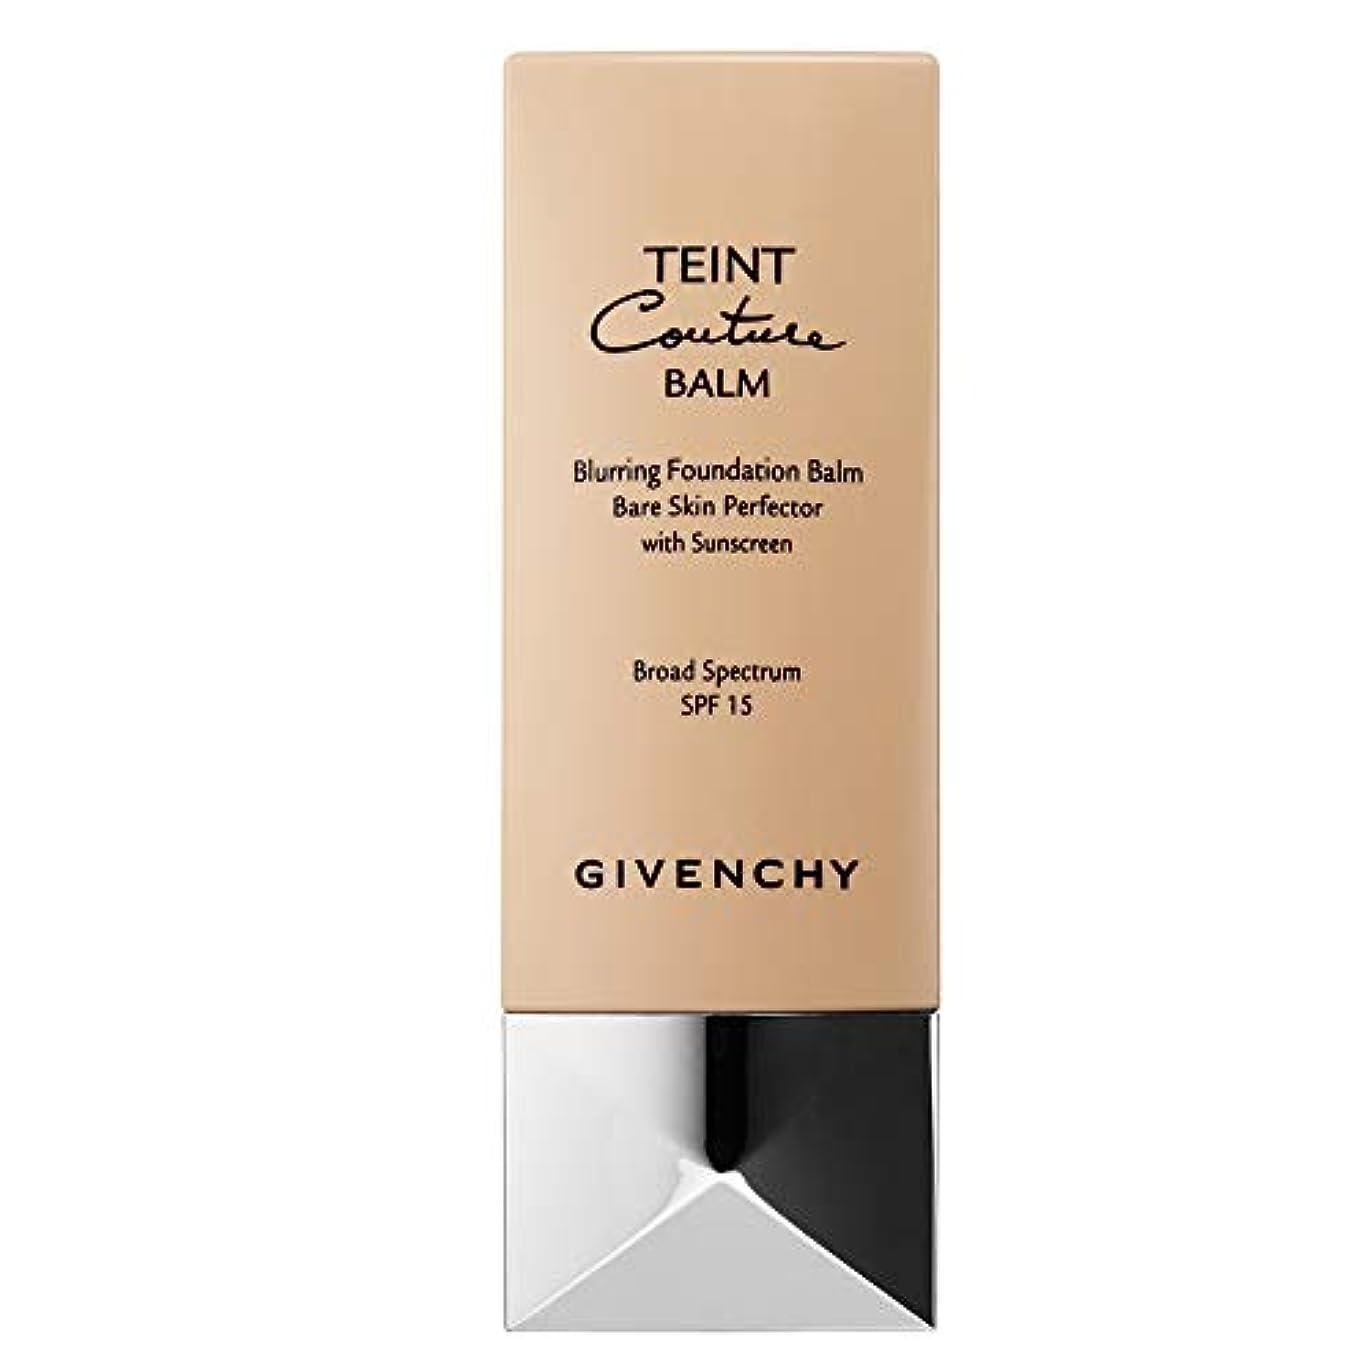 悪名高い動脈発音するジバンシィ Teint Couture Blurring Foundation Balm SPF 15 - # 1 Nude Porcelain 30ml/1oz並行輸入品